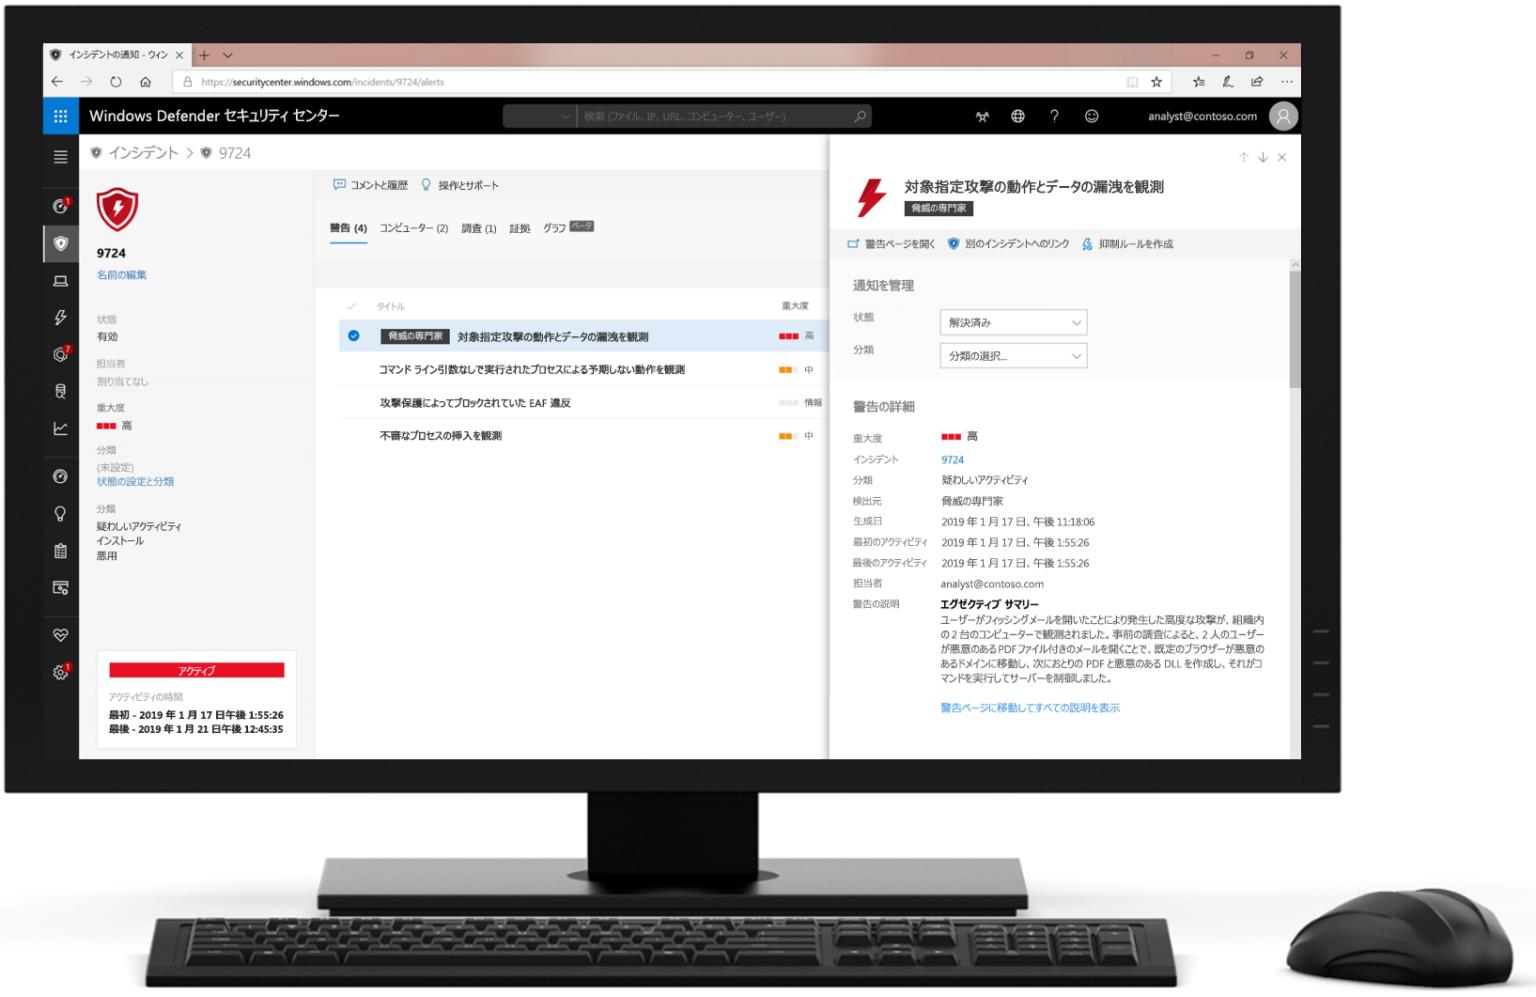 Windows Defender セキュリティ センターが表示されている PC の画像。